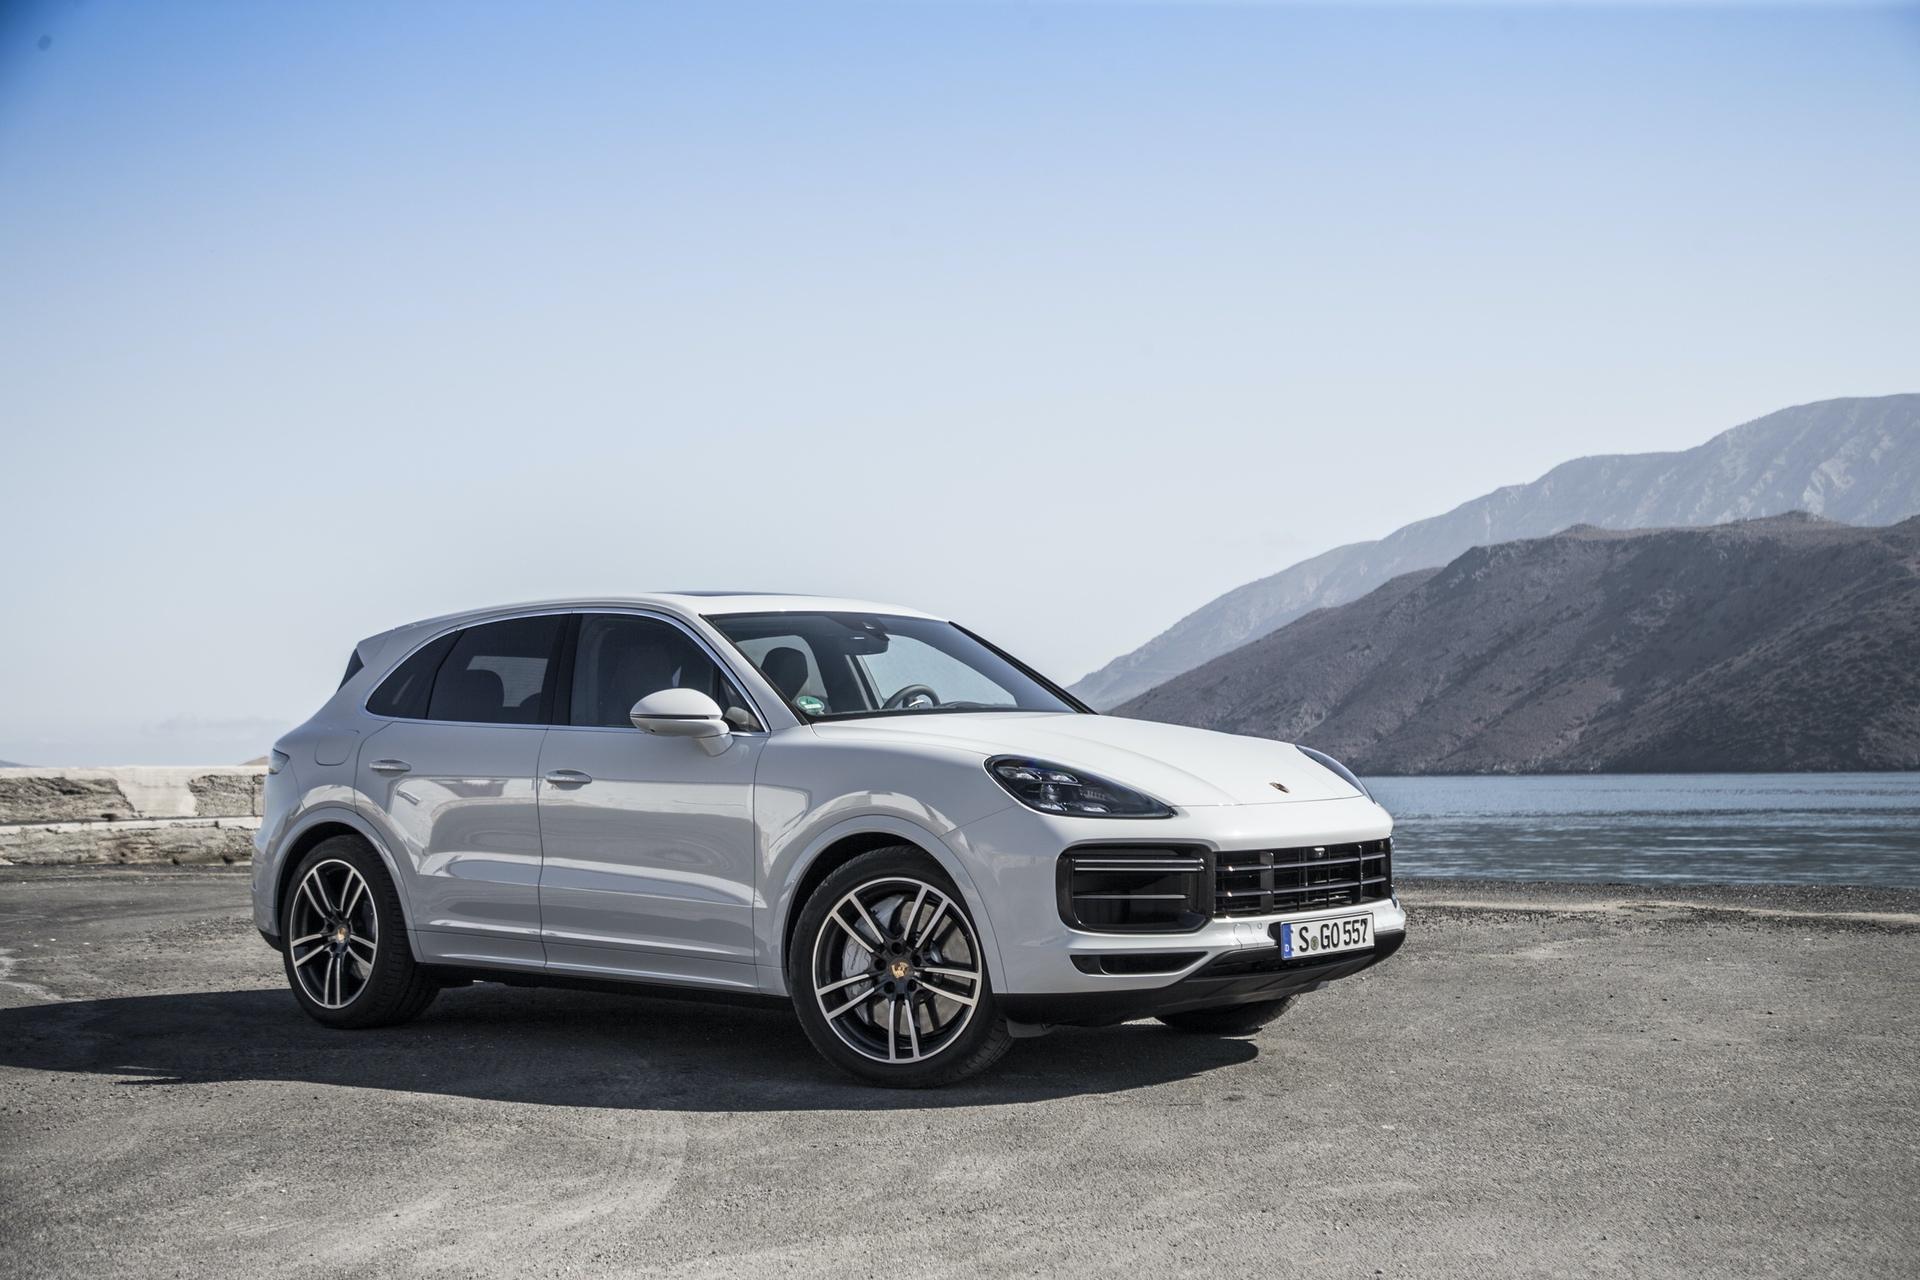 Test_Drive_Porsche_Cayenne_160